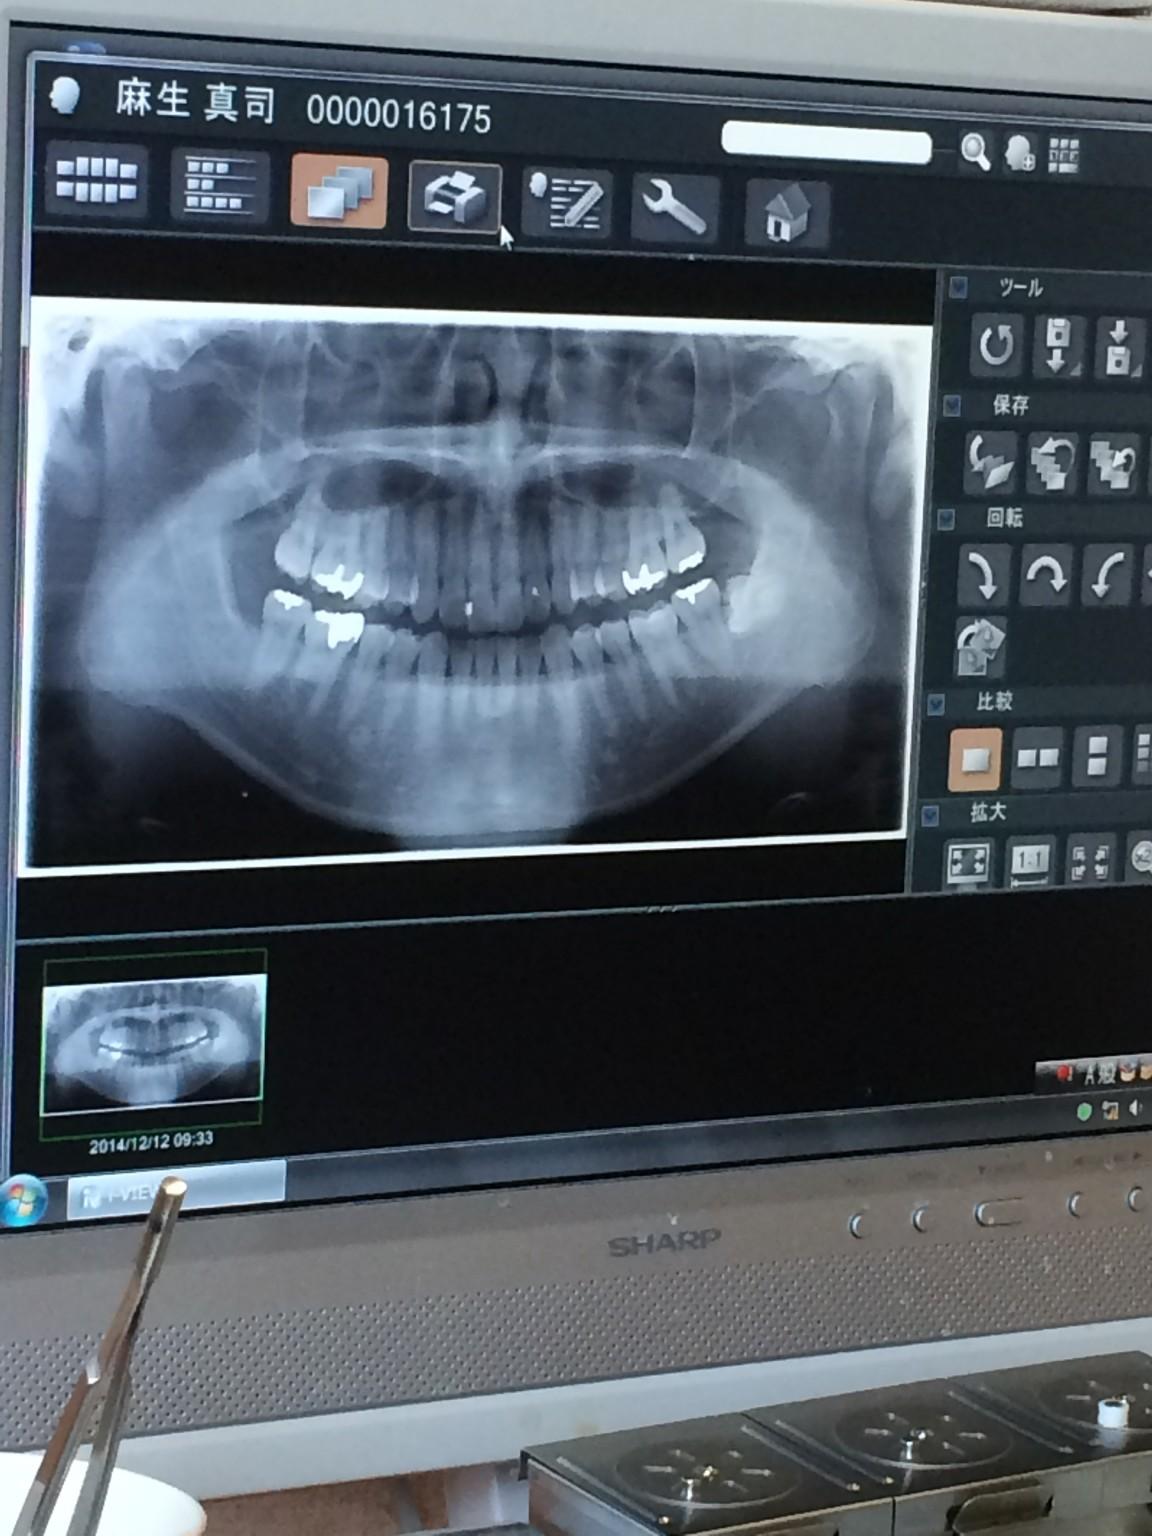 僕の歯のレントゲン写真です(´・ω・`)